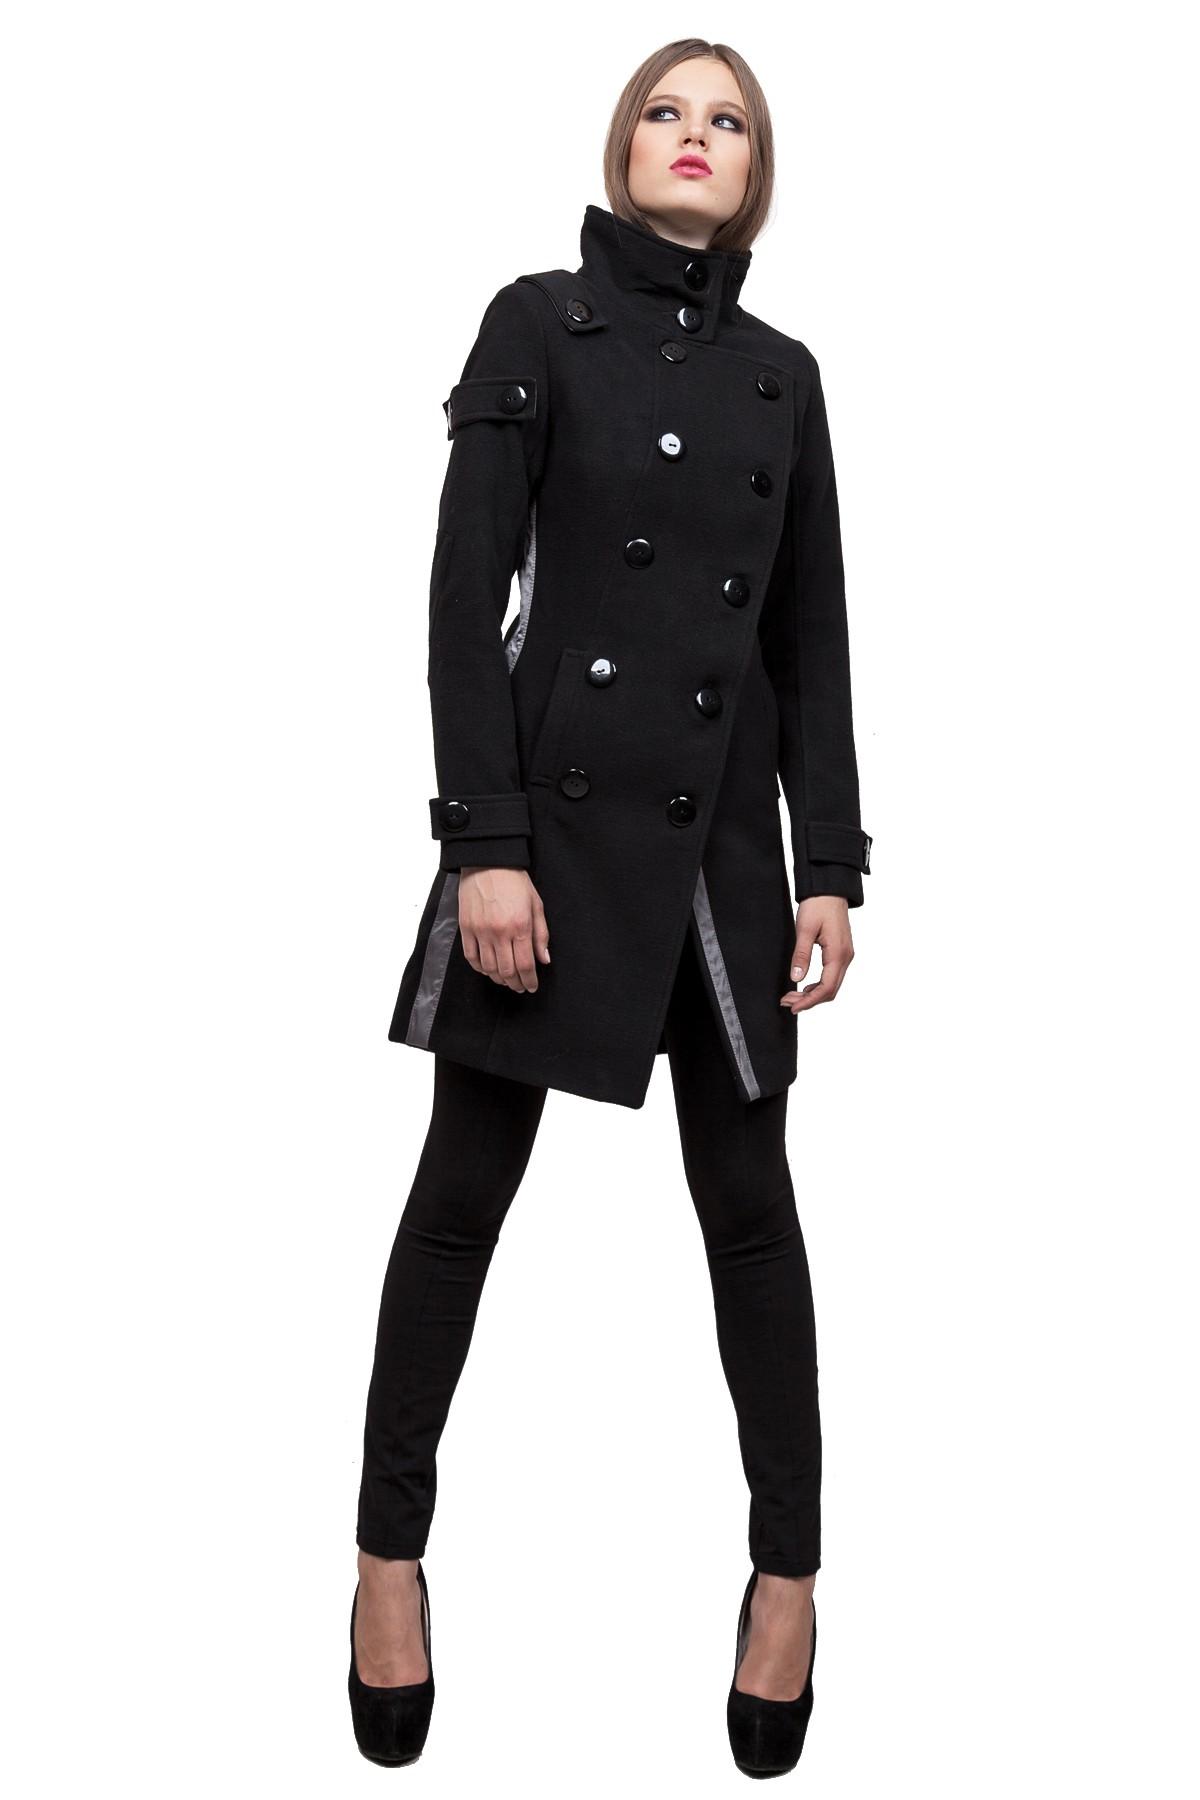 ПальтоЖенские куртки, плащи, пальто<br>Классическое пальто в современном исполнении. Двубортная застежка придает модели строгий вид, а косые линии кроя - уникальность и эксклюзивность. Создаст строгий уверенный образ и согреет Вас в прохладную погоду.<br><br>Цвет: зеленый<br>Состав: ткань - 64%полиэстер, 31% вискоза, 5% лайкра, утеплитель - 100%полиэстер, подкладка - 100%полиэстер<br>Размер: 50,52,54,56<br>Страна дизайна: Россия<br>Страна производства: Россия